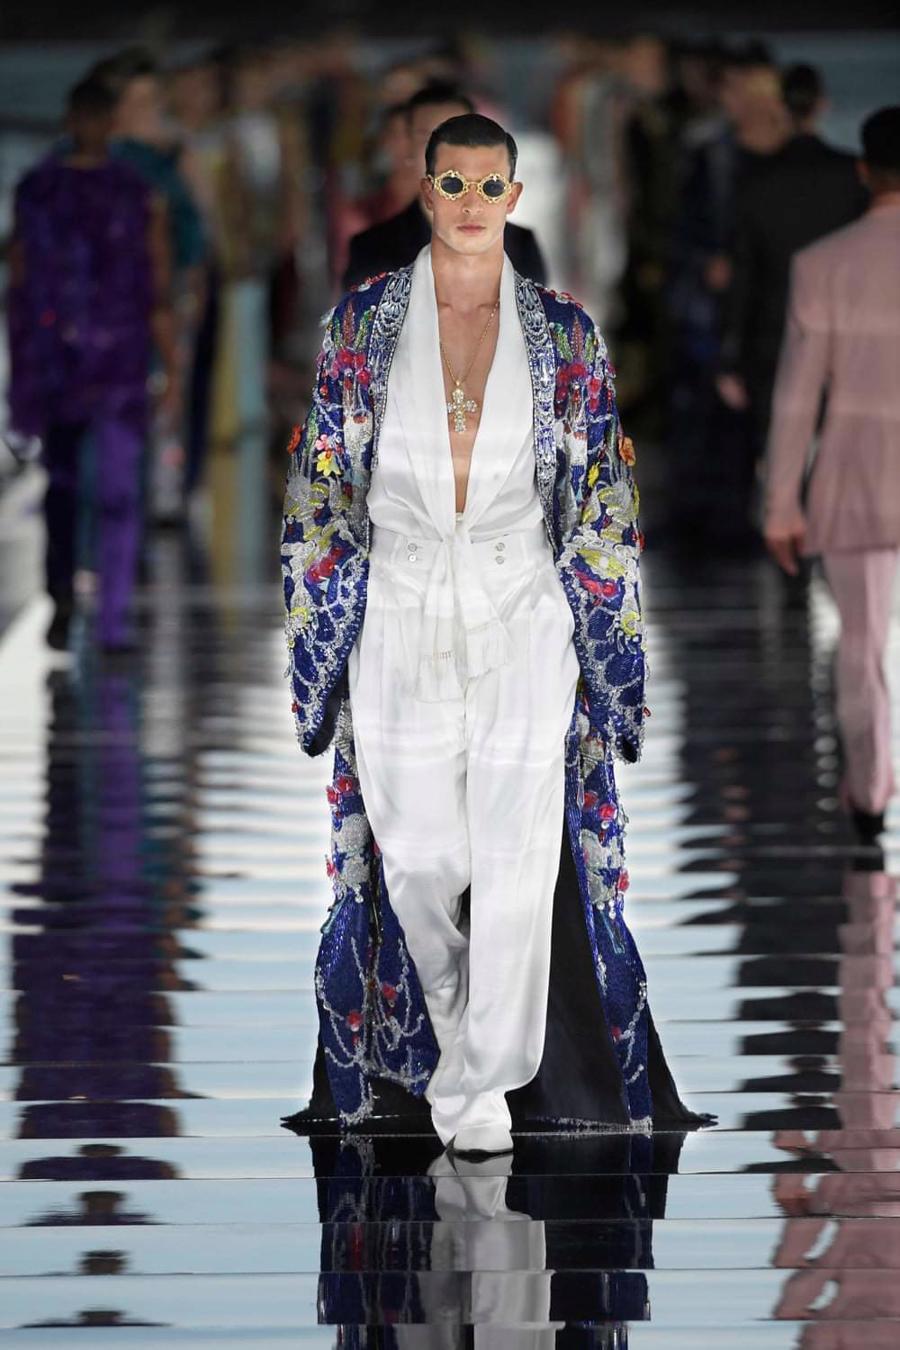 Thế giới chứng kiến những gì sau bữa tiệc xa hoa của Dolce & Gabbana? - Ảnh 13